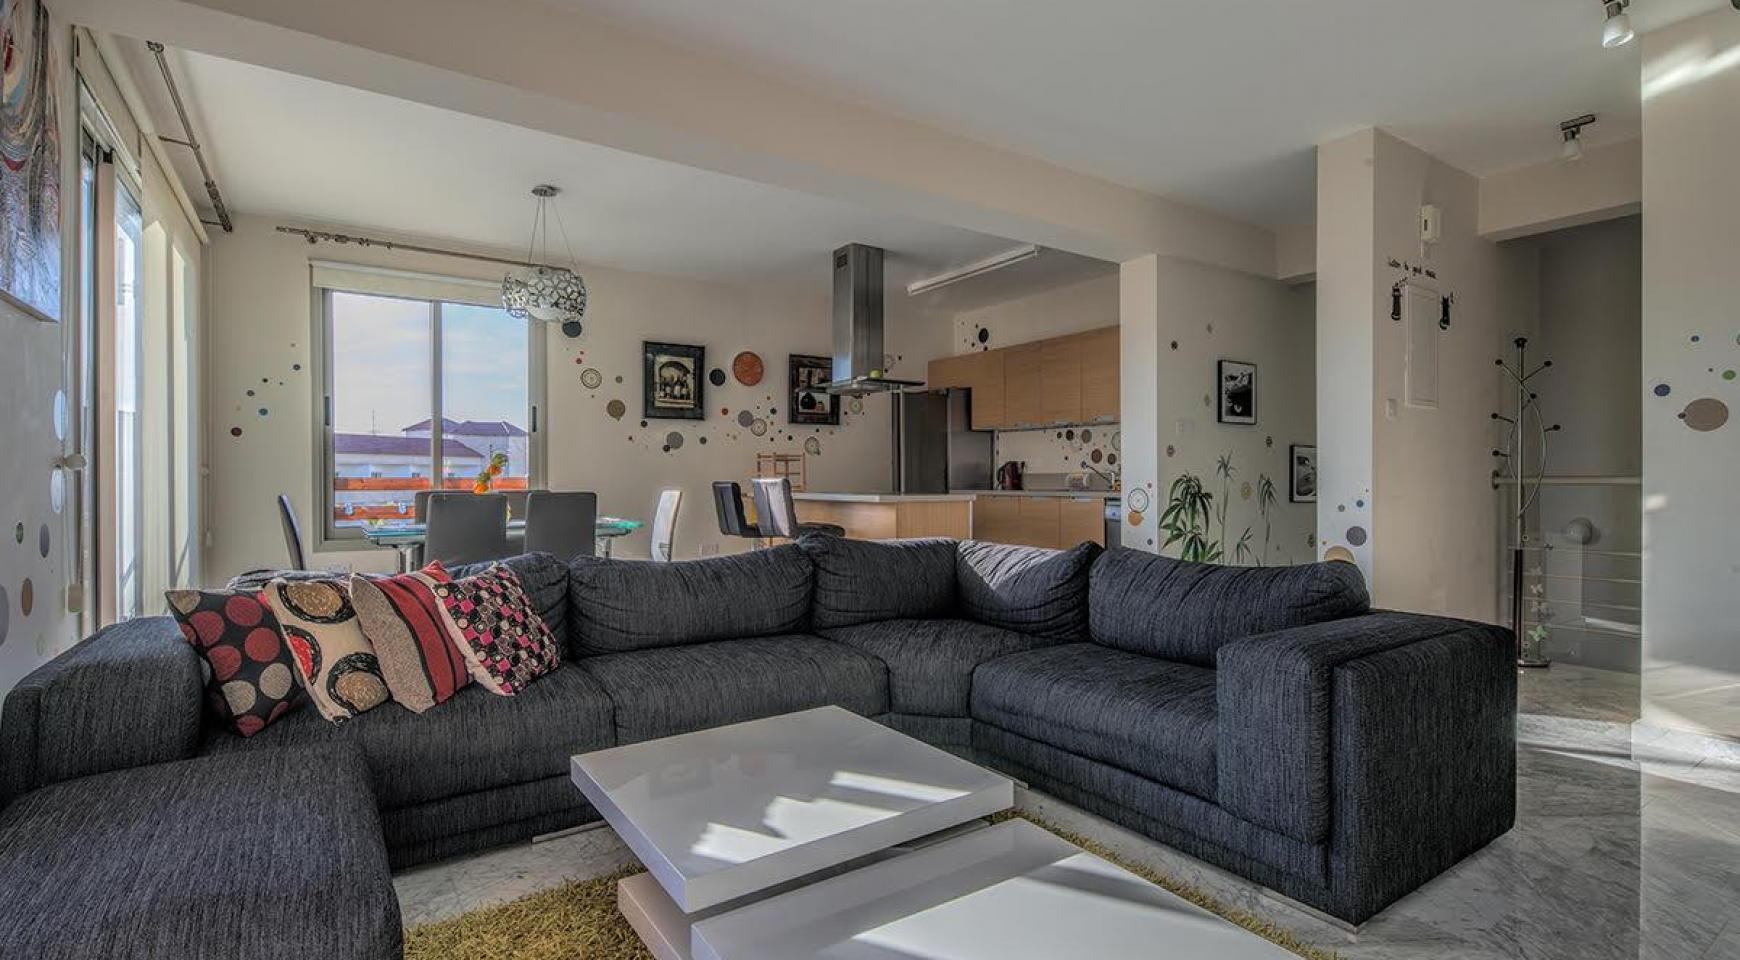 2 Bedroom Duplex Apartment in a Prestigious Complex near the Sea - 1